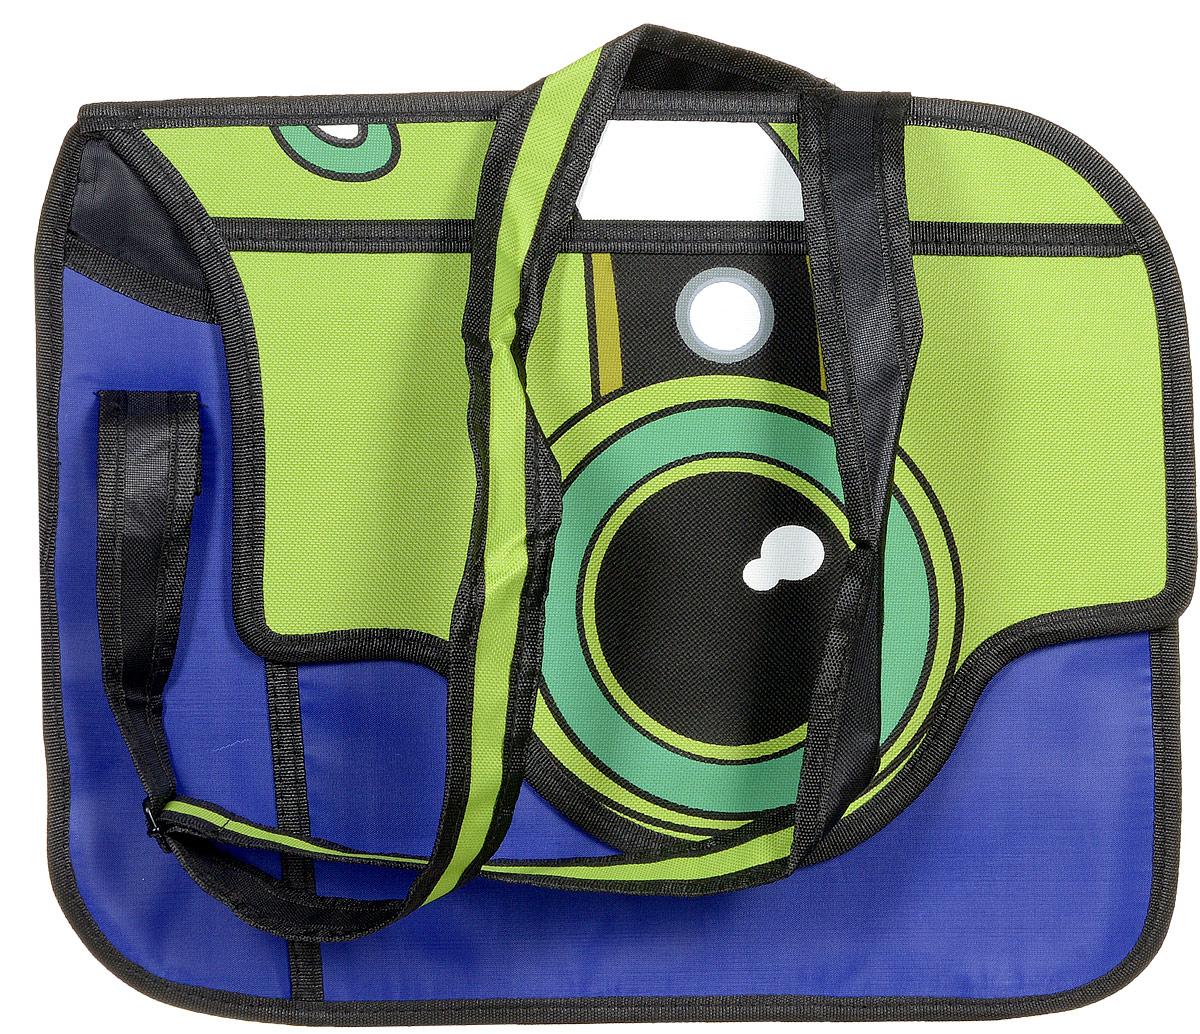 Сумка 3D Kawaii Factory Фотоаппарат, цвет: сине-зеленый. KW100-00012273298с-1Позвольте себе поозорничать, появившись на улице с мультяшной сумкой Фотоаппарат от Kawaii Factory. Эта забавная сумка точно привлечет к вам взгляды окружающих, а вам она обеспечит прекрасное настроение в любую непогоду. Ведь ее сине-зеленая расцветка так напоминает яркие сочные краски лета. А объектив фотоаппарата навевает мысль о фантастических путешествиях в загадочные страны, где точно найдется, что пофотографировать. 3D сумка в виде фотоаппарата очень вместительная. В ней легко спрячутся все столь нужные мелочи, без которых современная девушка не выйдет из дома. Да и настоящий фотоаппарат в нее можно положить без проблем. Эта сумочка не боится дождя и снега, так как выполнена из прекрасного качественного нейлона, не пропускающего влагу. Закрывается изделие клапаном на магнитную застежку, внутри имеется 2 отделения, а с тыльной стороны находится карман на молнии. Сумка 3D Фотоаппарат - это как раз то, что вам нужно, чтобы зарядиться позитивом и покорить весь мир своим отличным настроением! Ну и, конечно, это просто потрясающий подарок для любимых, которых всегда хочется порадовать чем-то особенным и необычным.